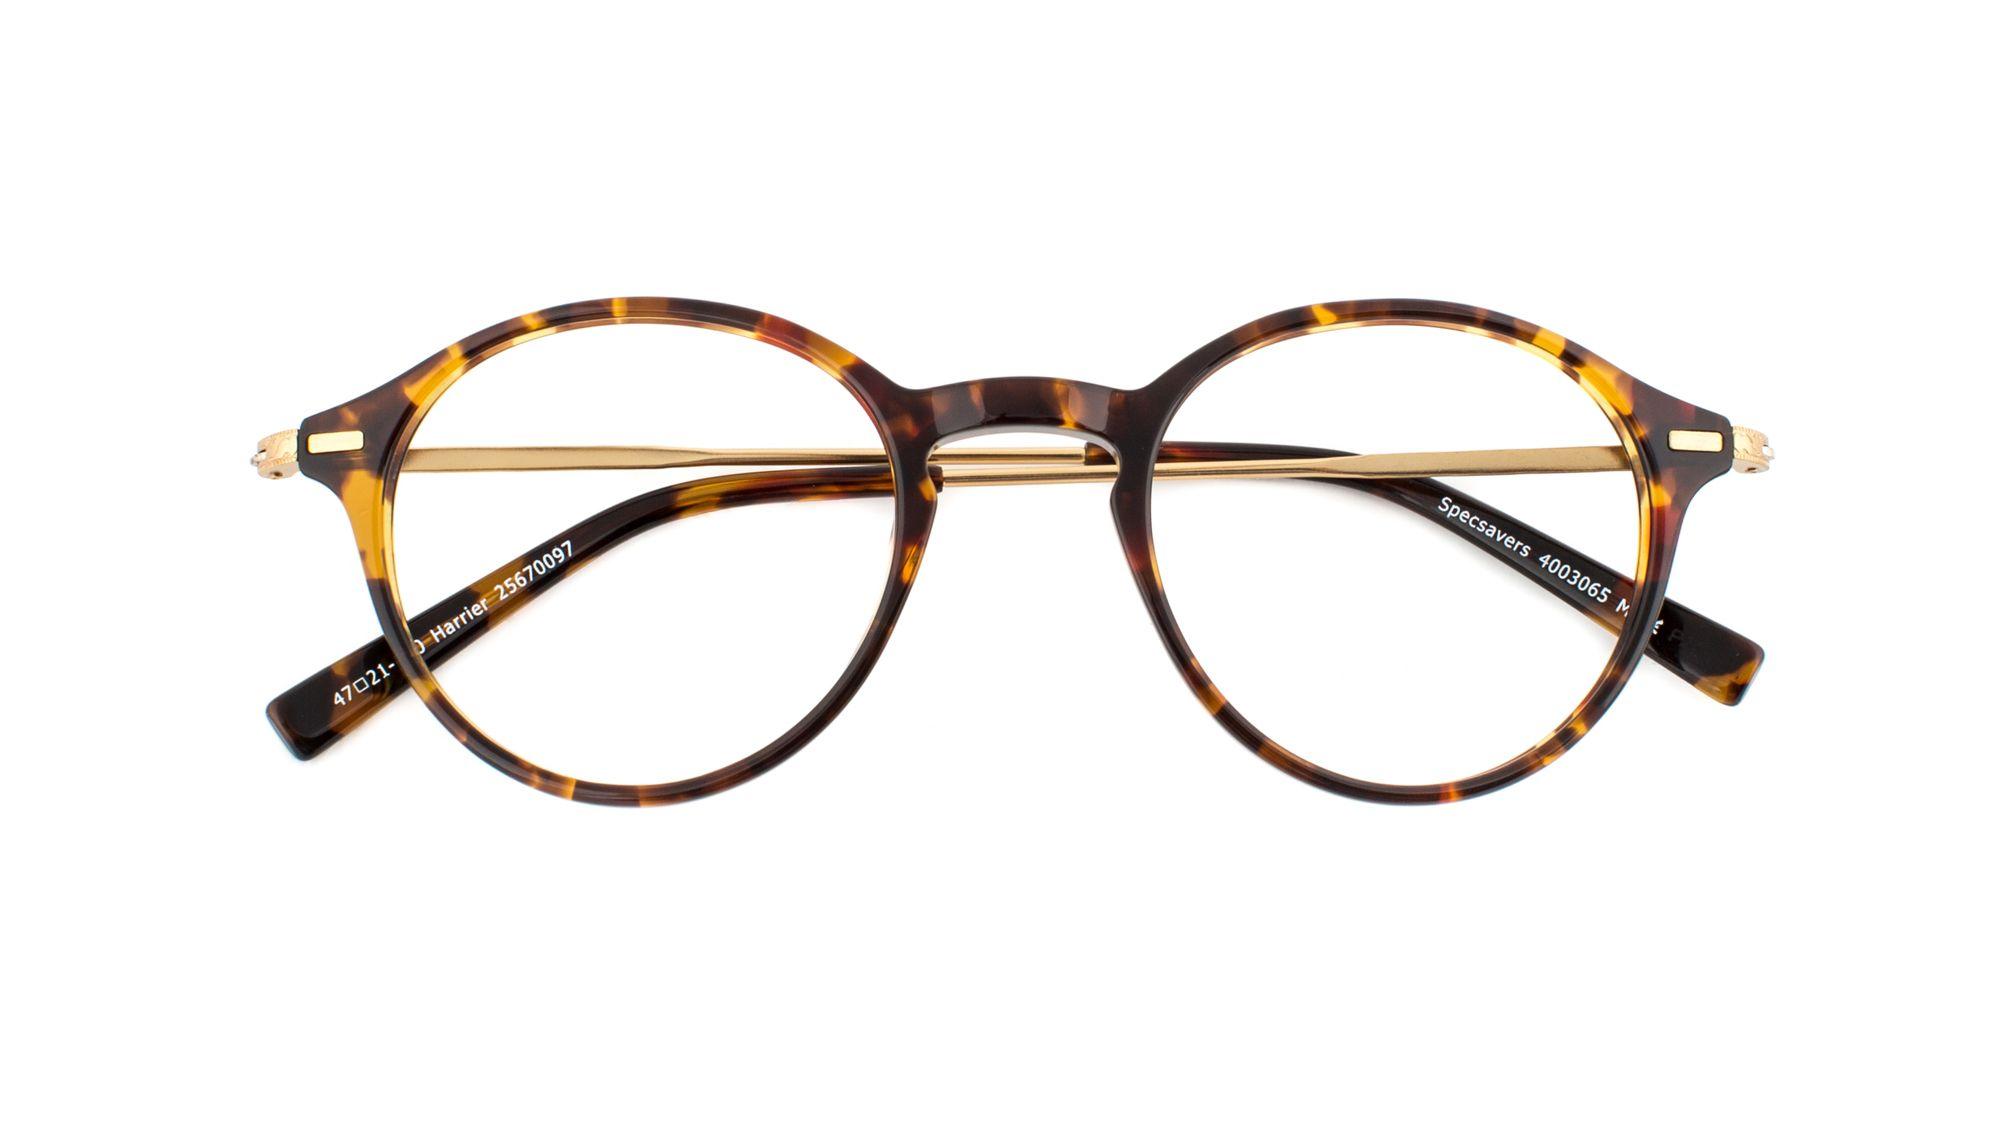 161e9e7fdaf3 Specsavers glasses - HARRIER